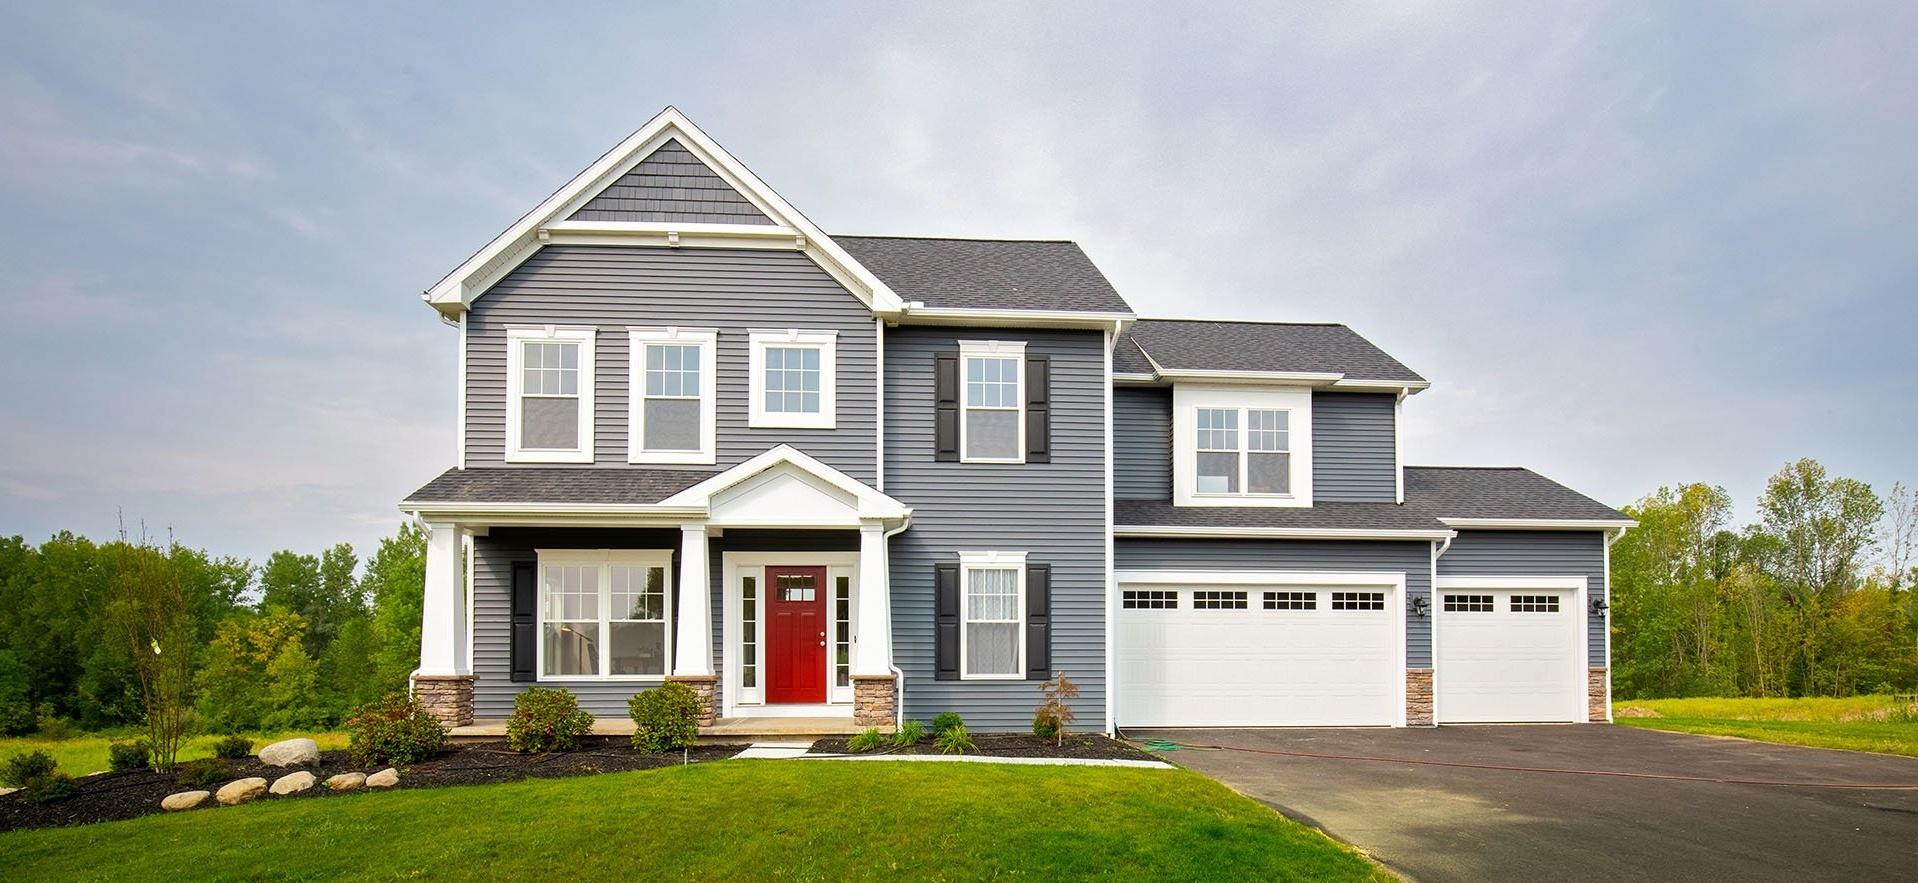 Gerber-Homes-Magnolia-Manor-Model-Home